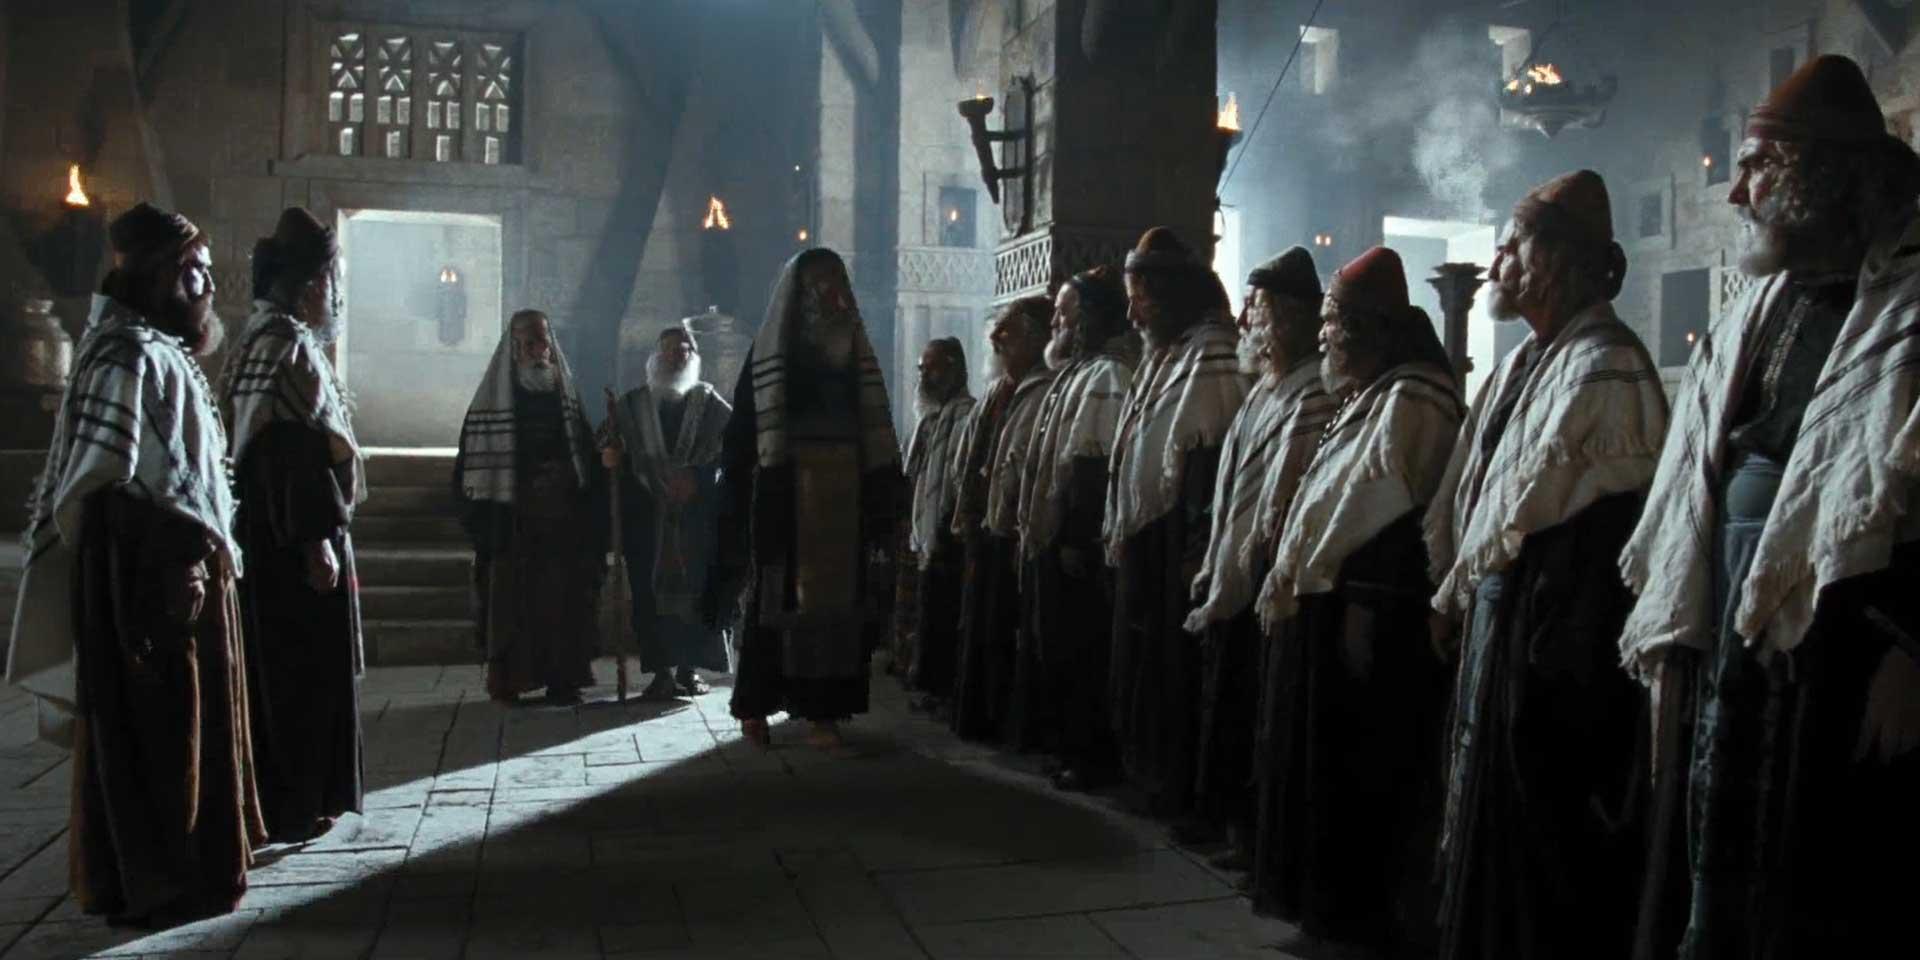 یهودیان شهر مدینه